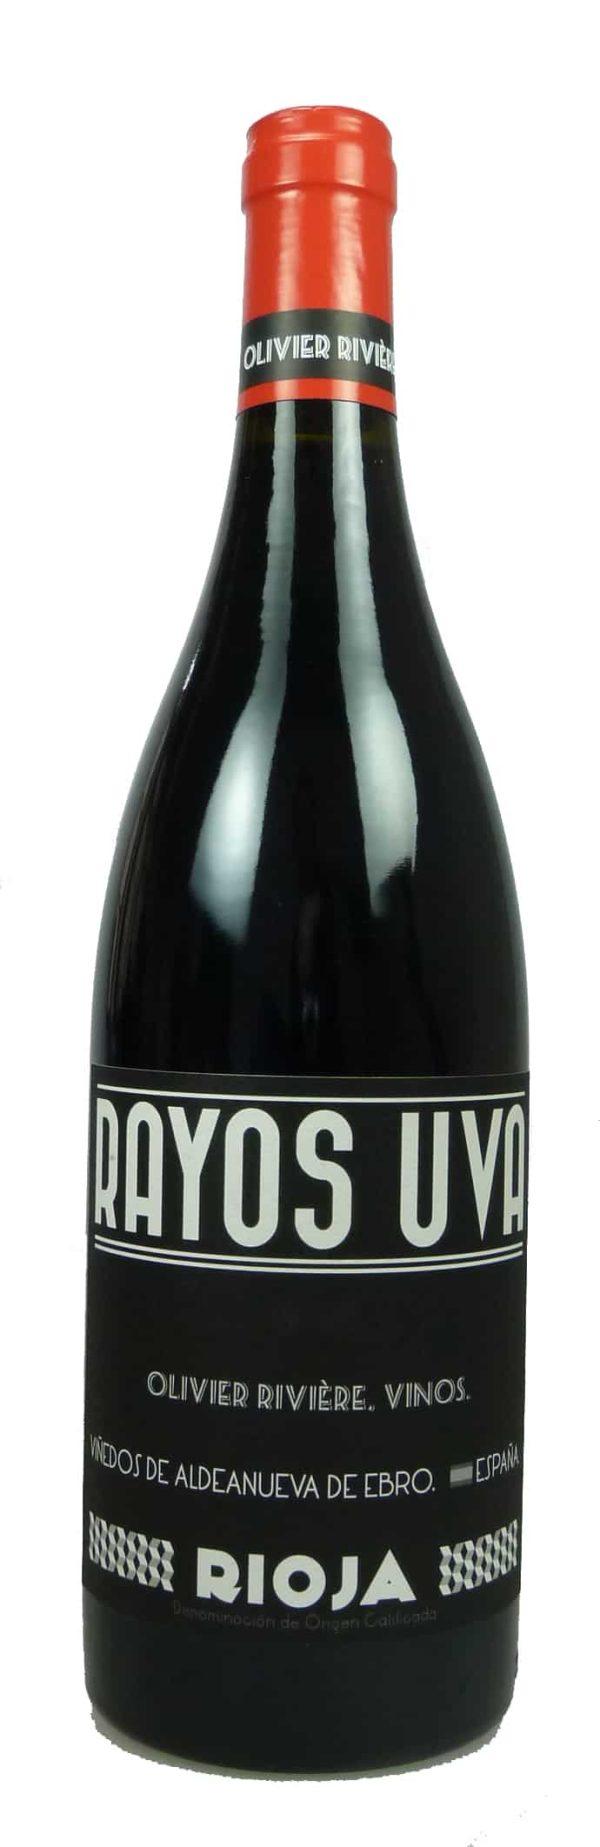 Rayos Uva Rioja  2017